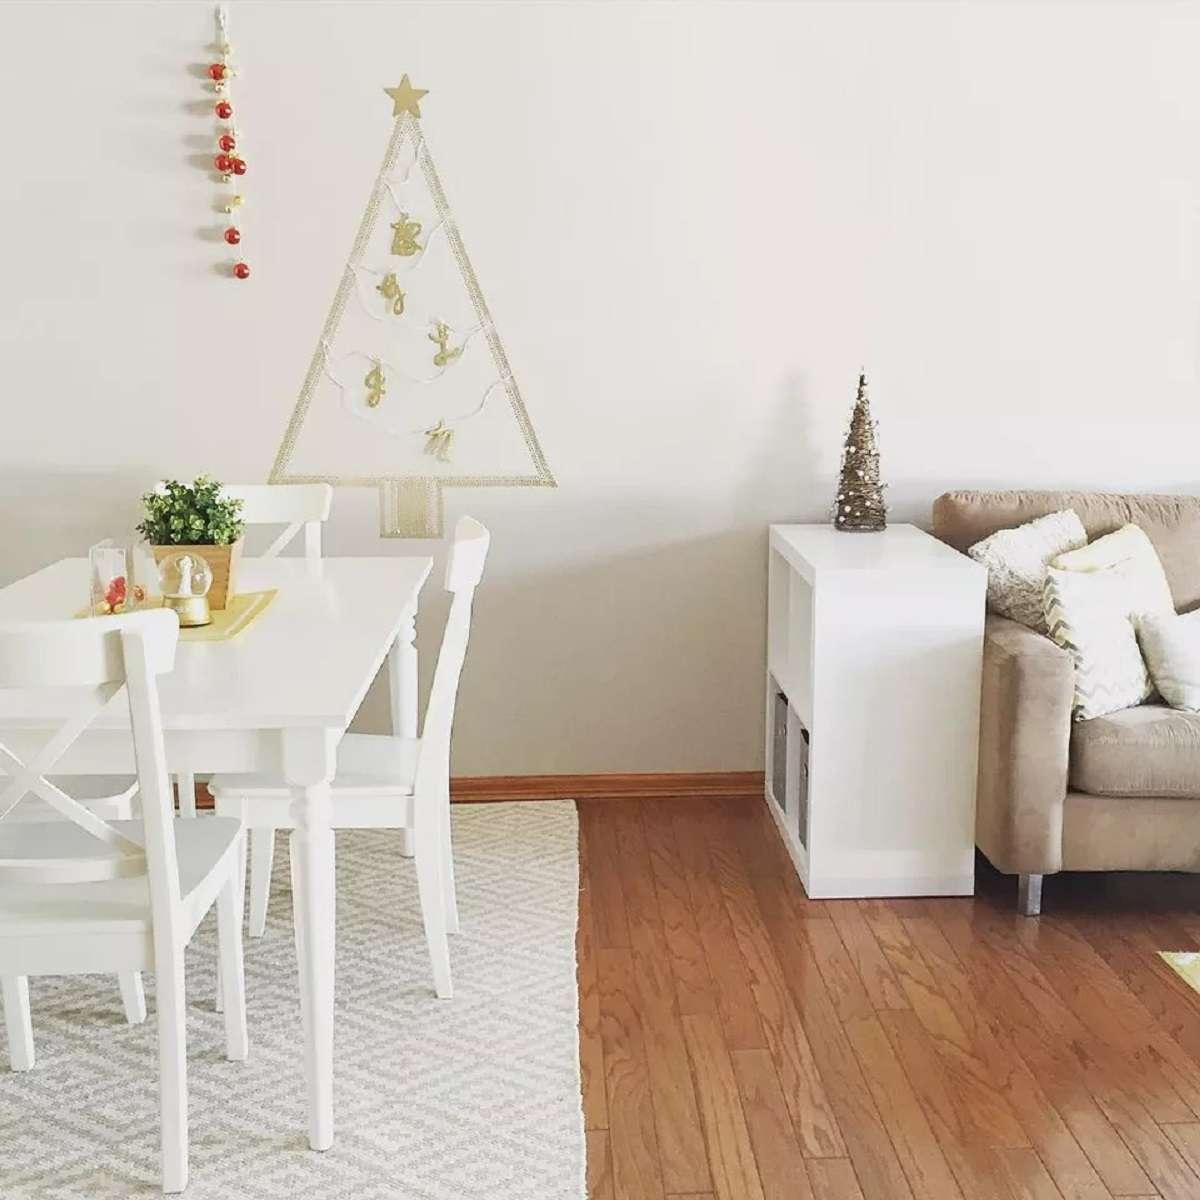 Árboles de Navidad originales y caseros para decorar tu casa 12